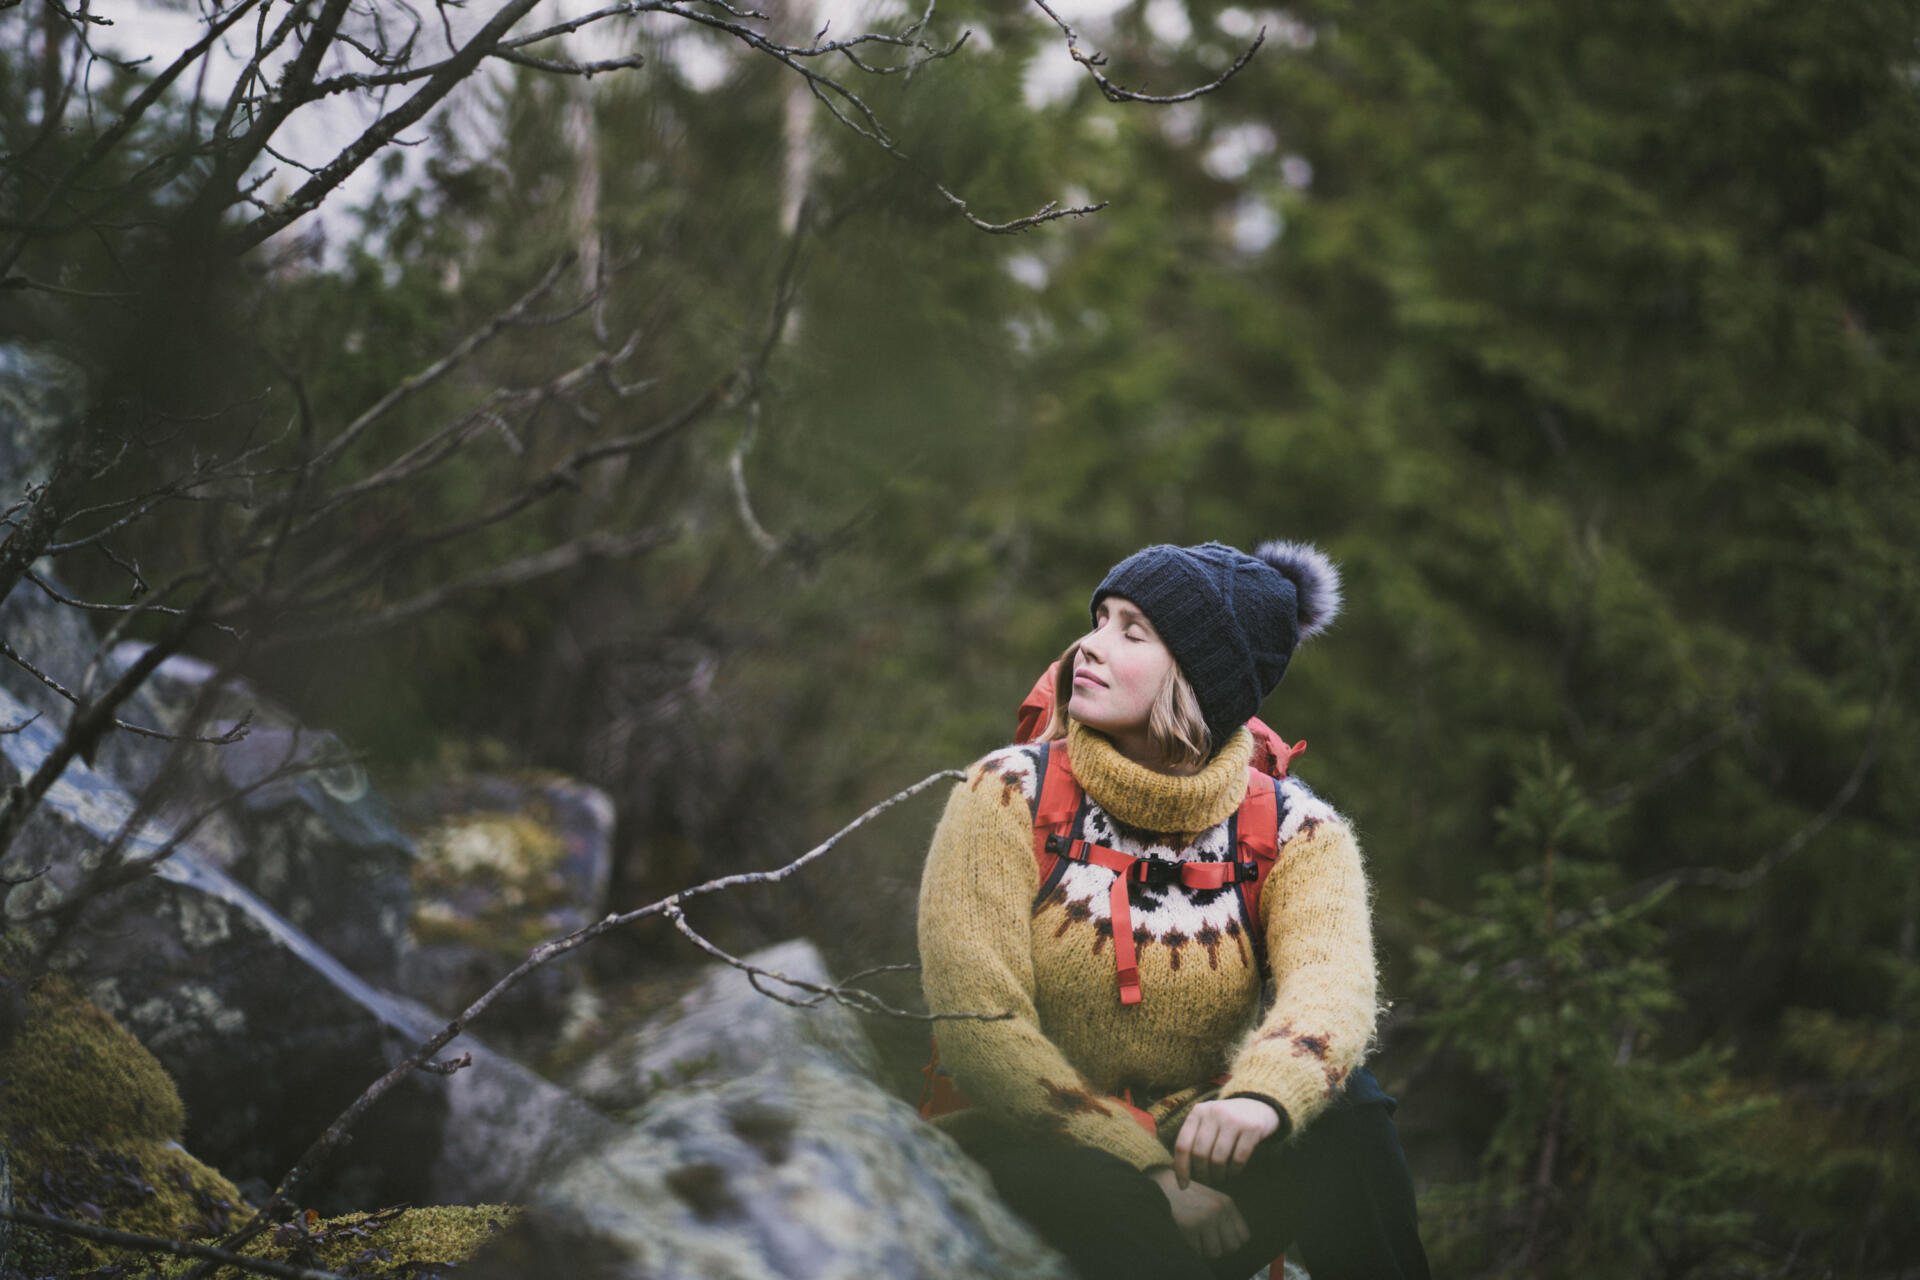 Kolme helppoa tapaa vahvistaa omaa luontoyhteyttä